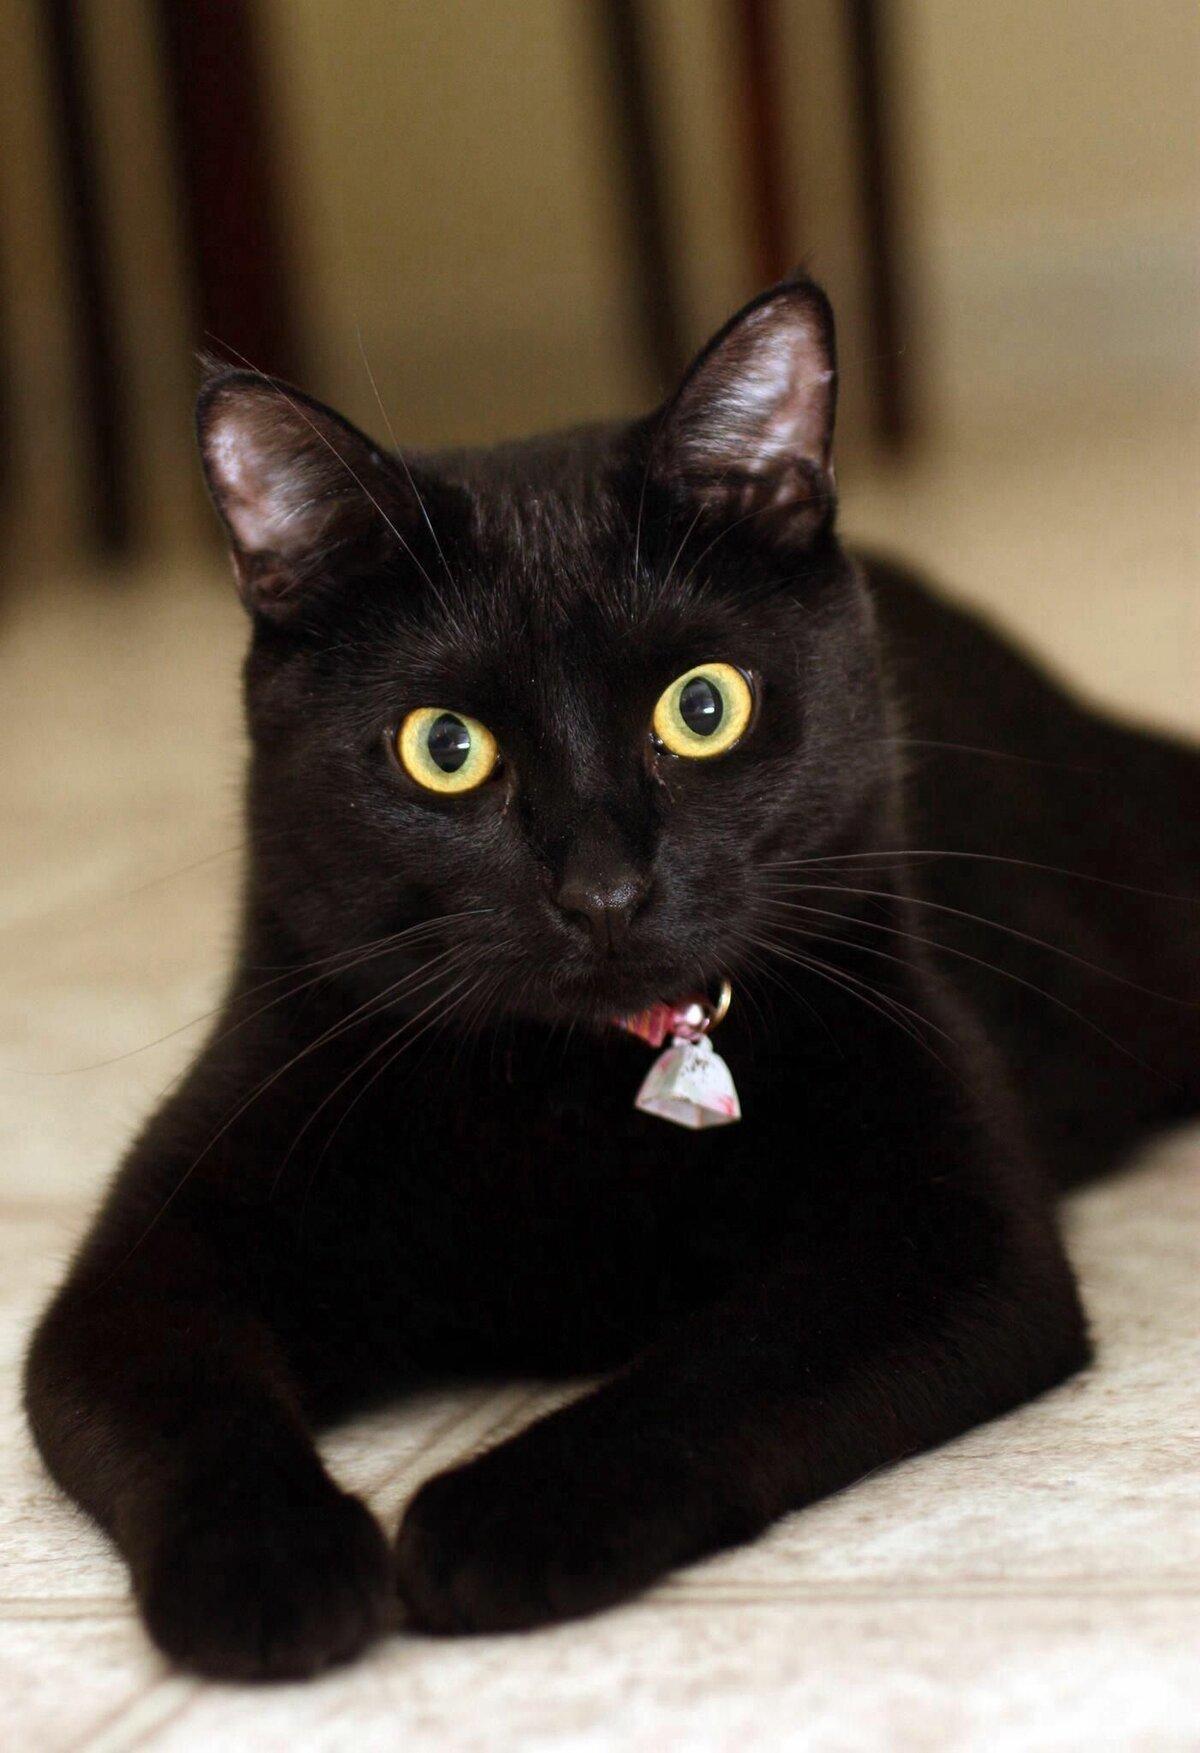 хотим, картинки кошек черного окраса можете детально сравнить